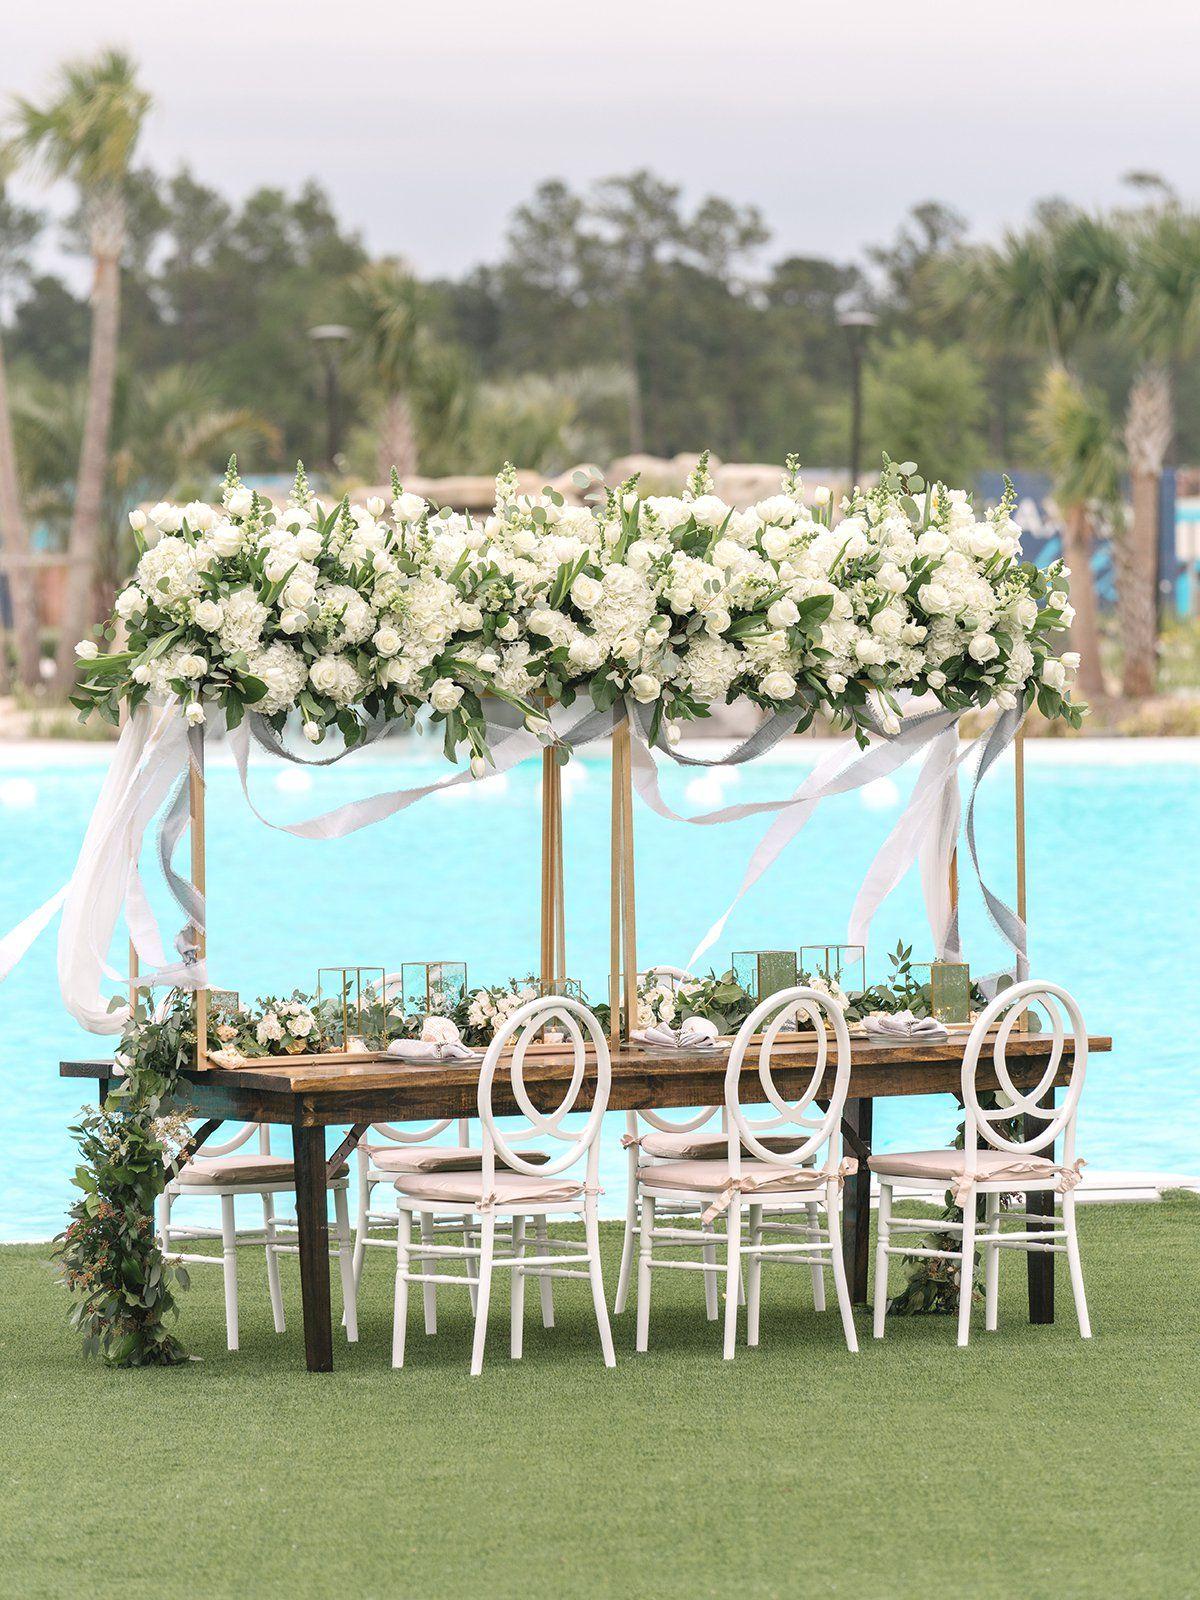 gorgeous destination wedding theme idea - decor, tablescapes